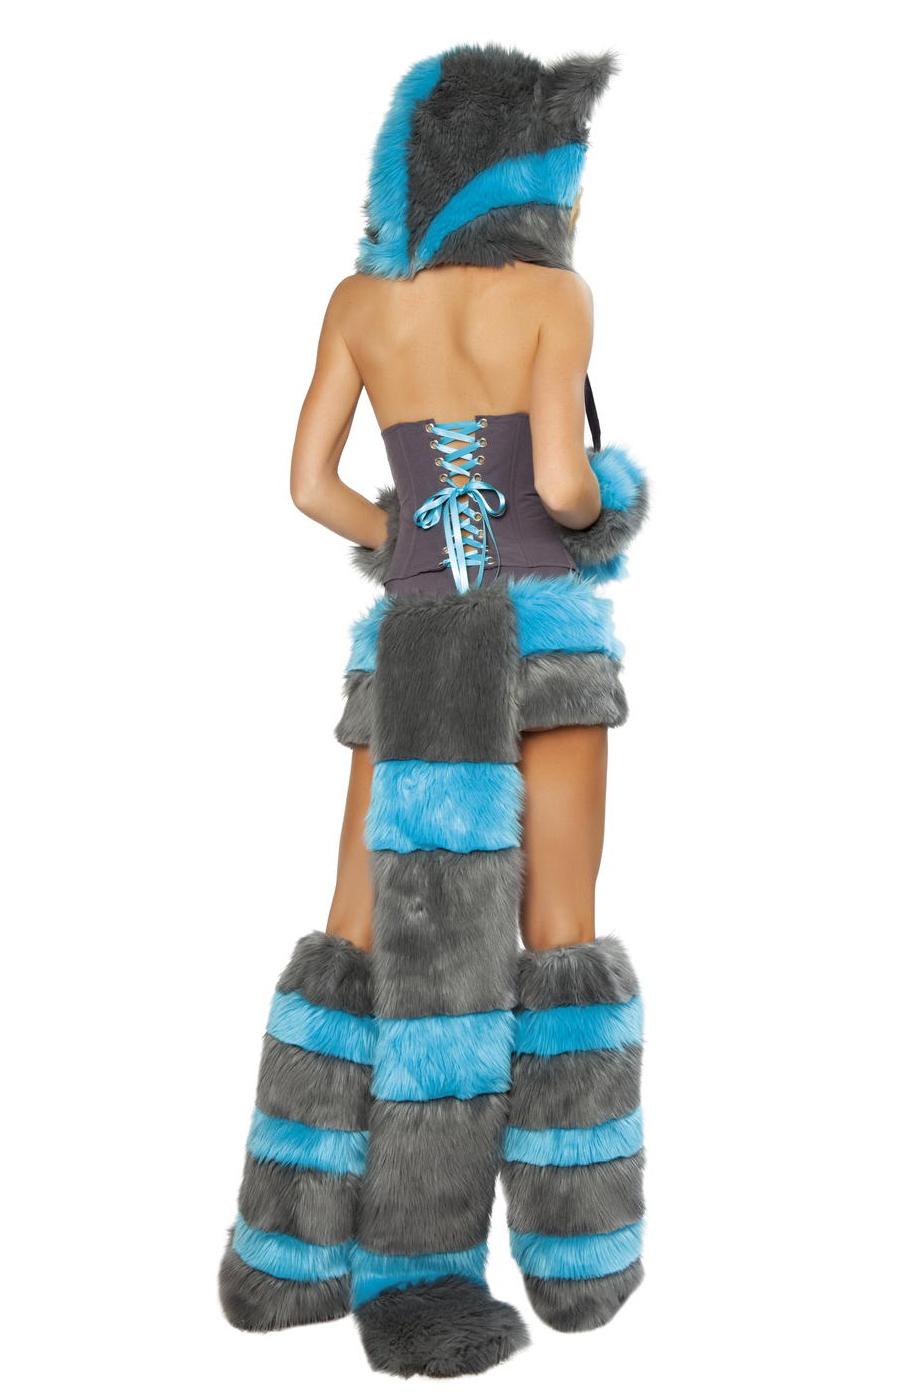 aed432d8f196 Купить карнавальный костюм для девушки Чеширский кот, цена 3799 руб.